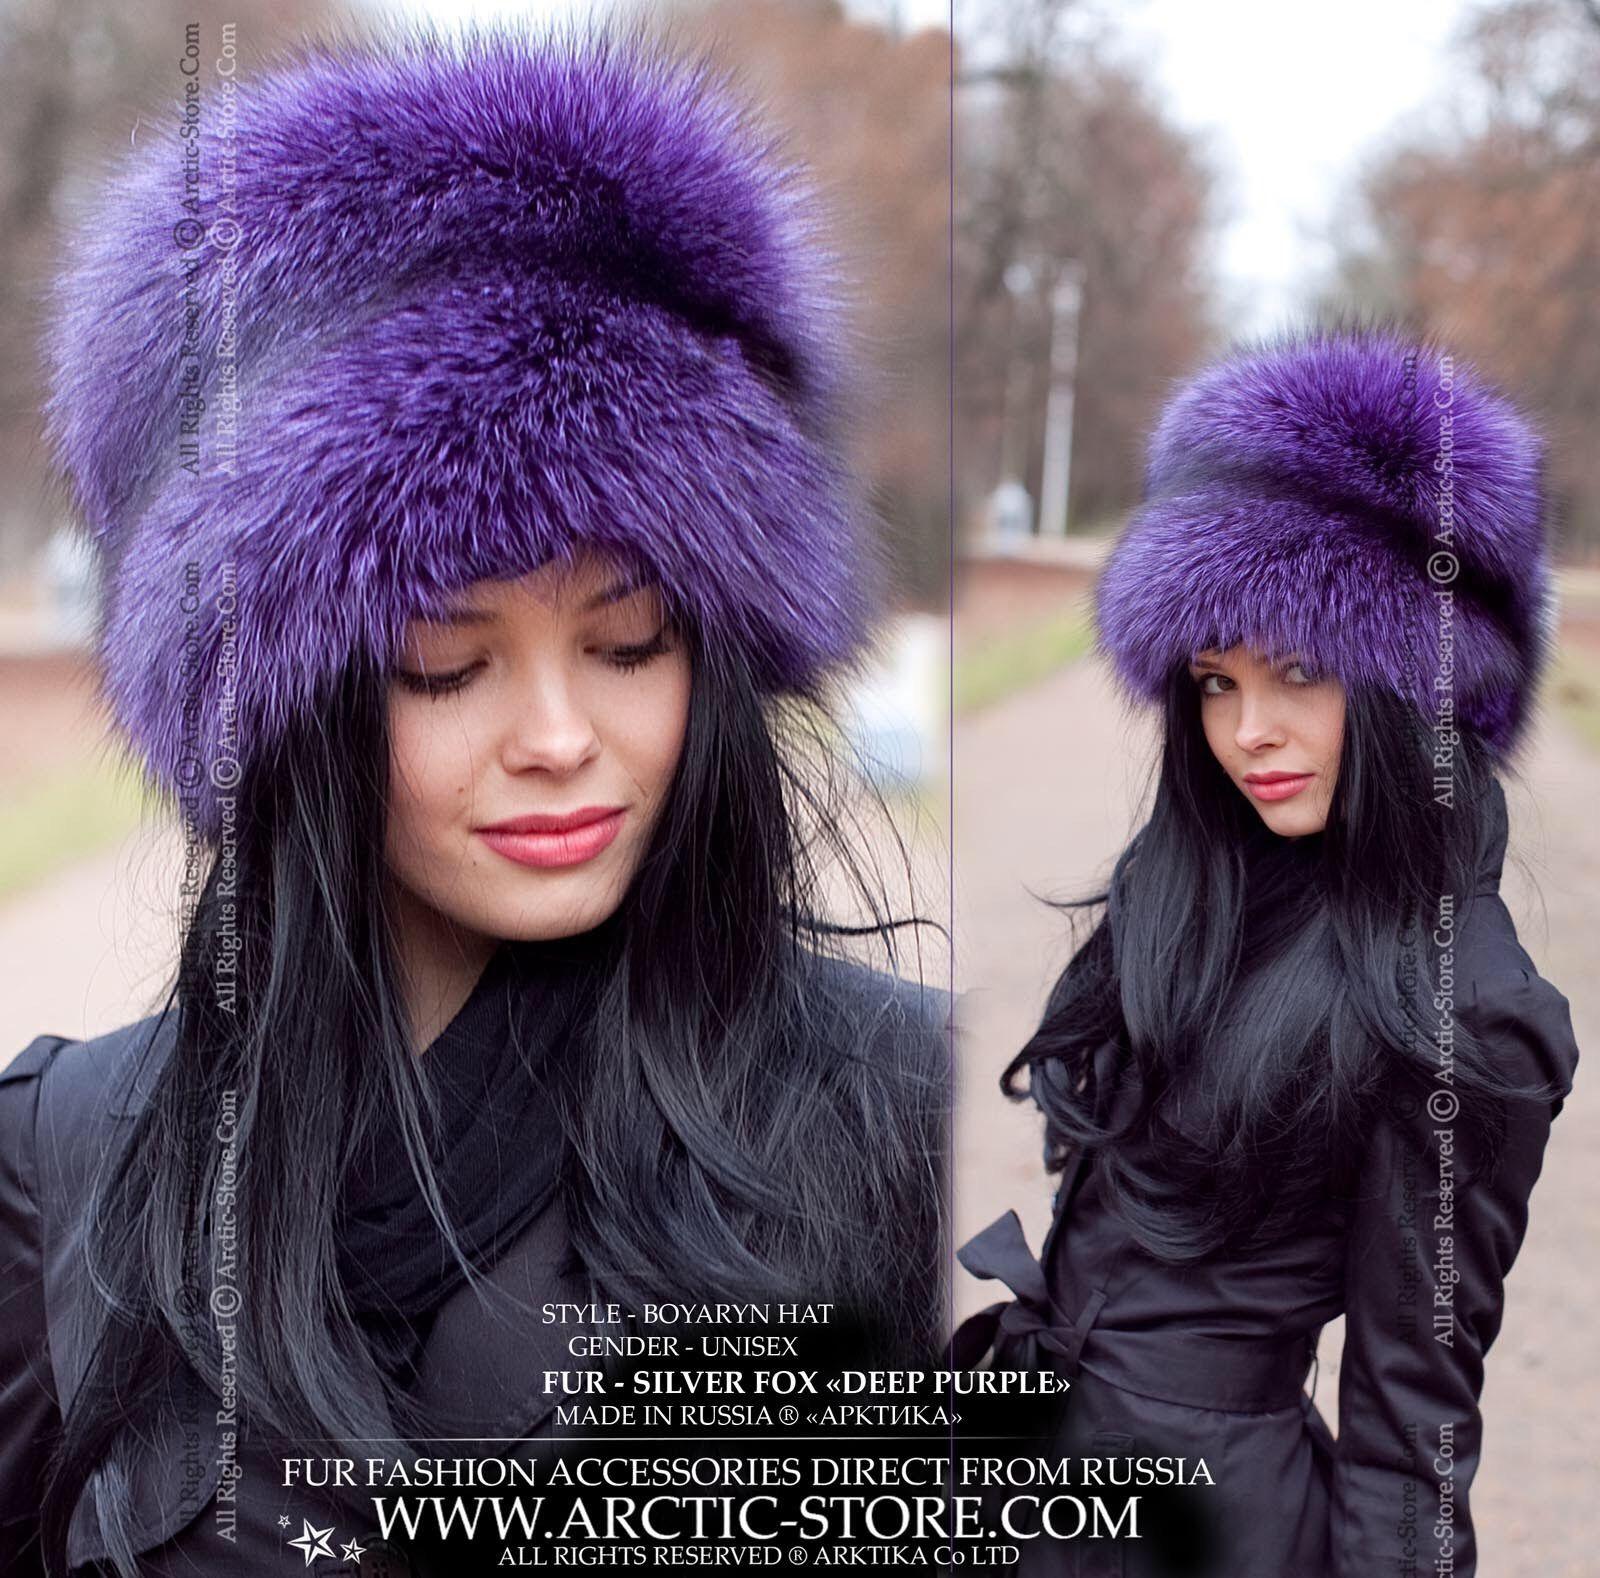 Boyaryn Luxe Deep Purple Silver Fox Fur Hat Russian Style Hat Fur Accessories